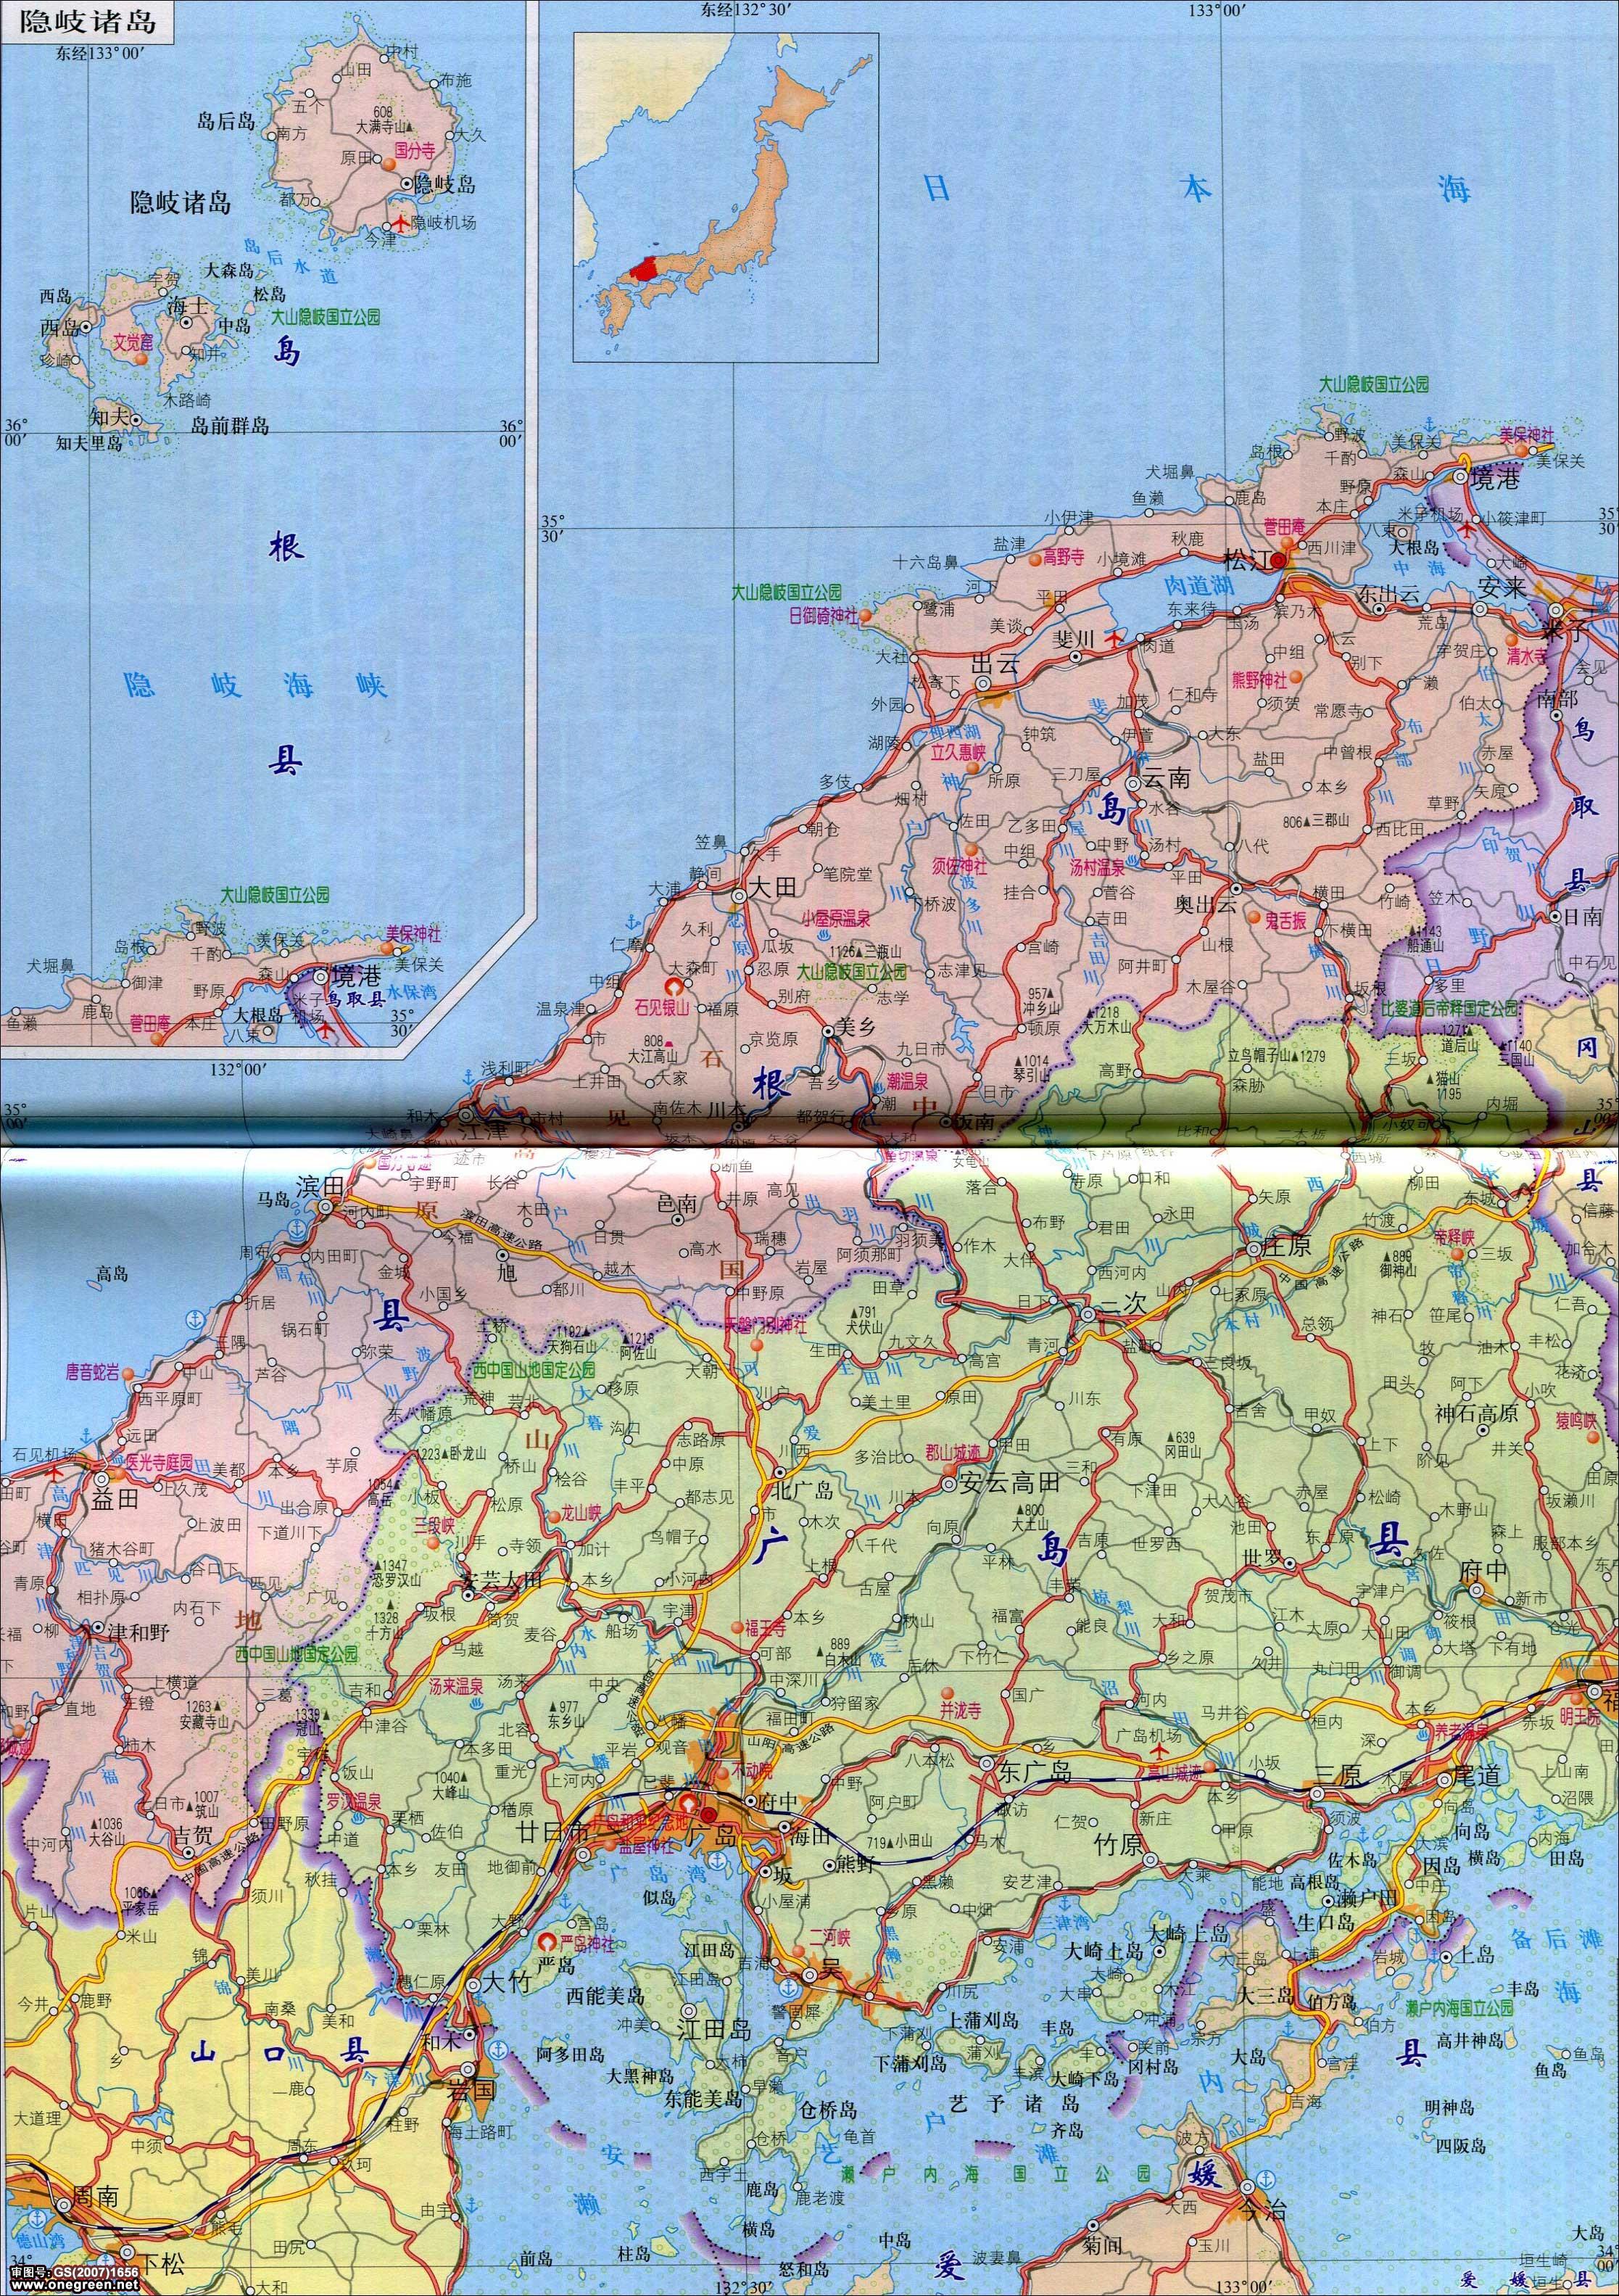 日本 地图 中文 版 全 图